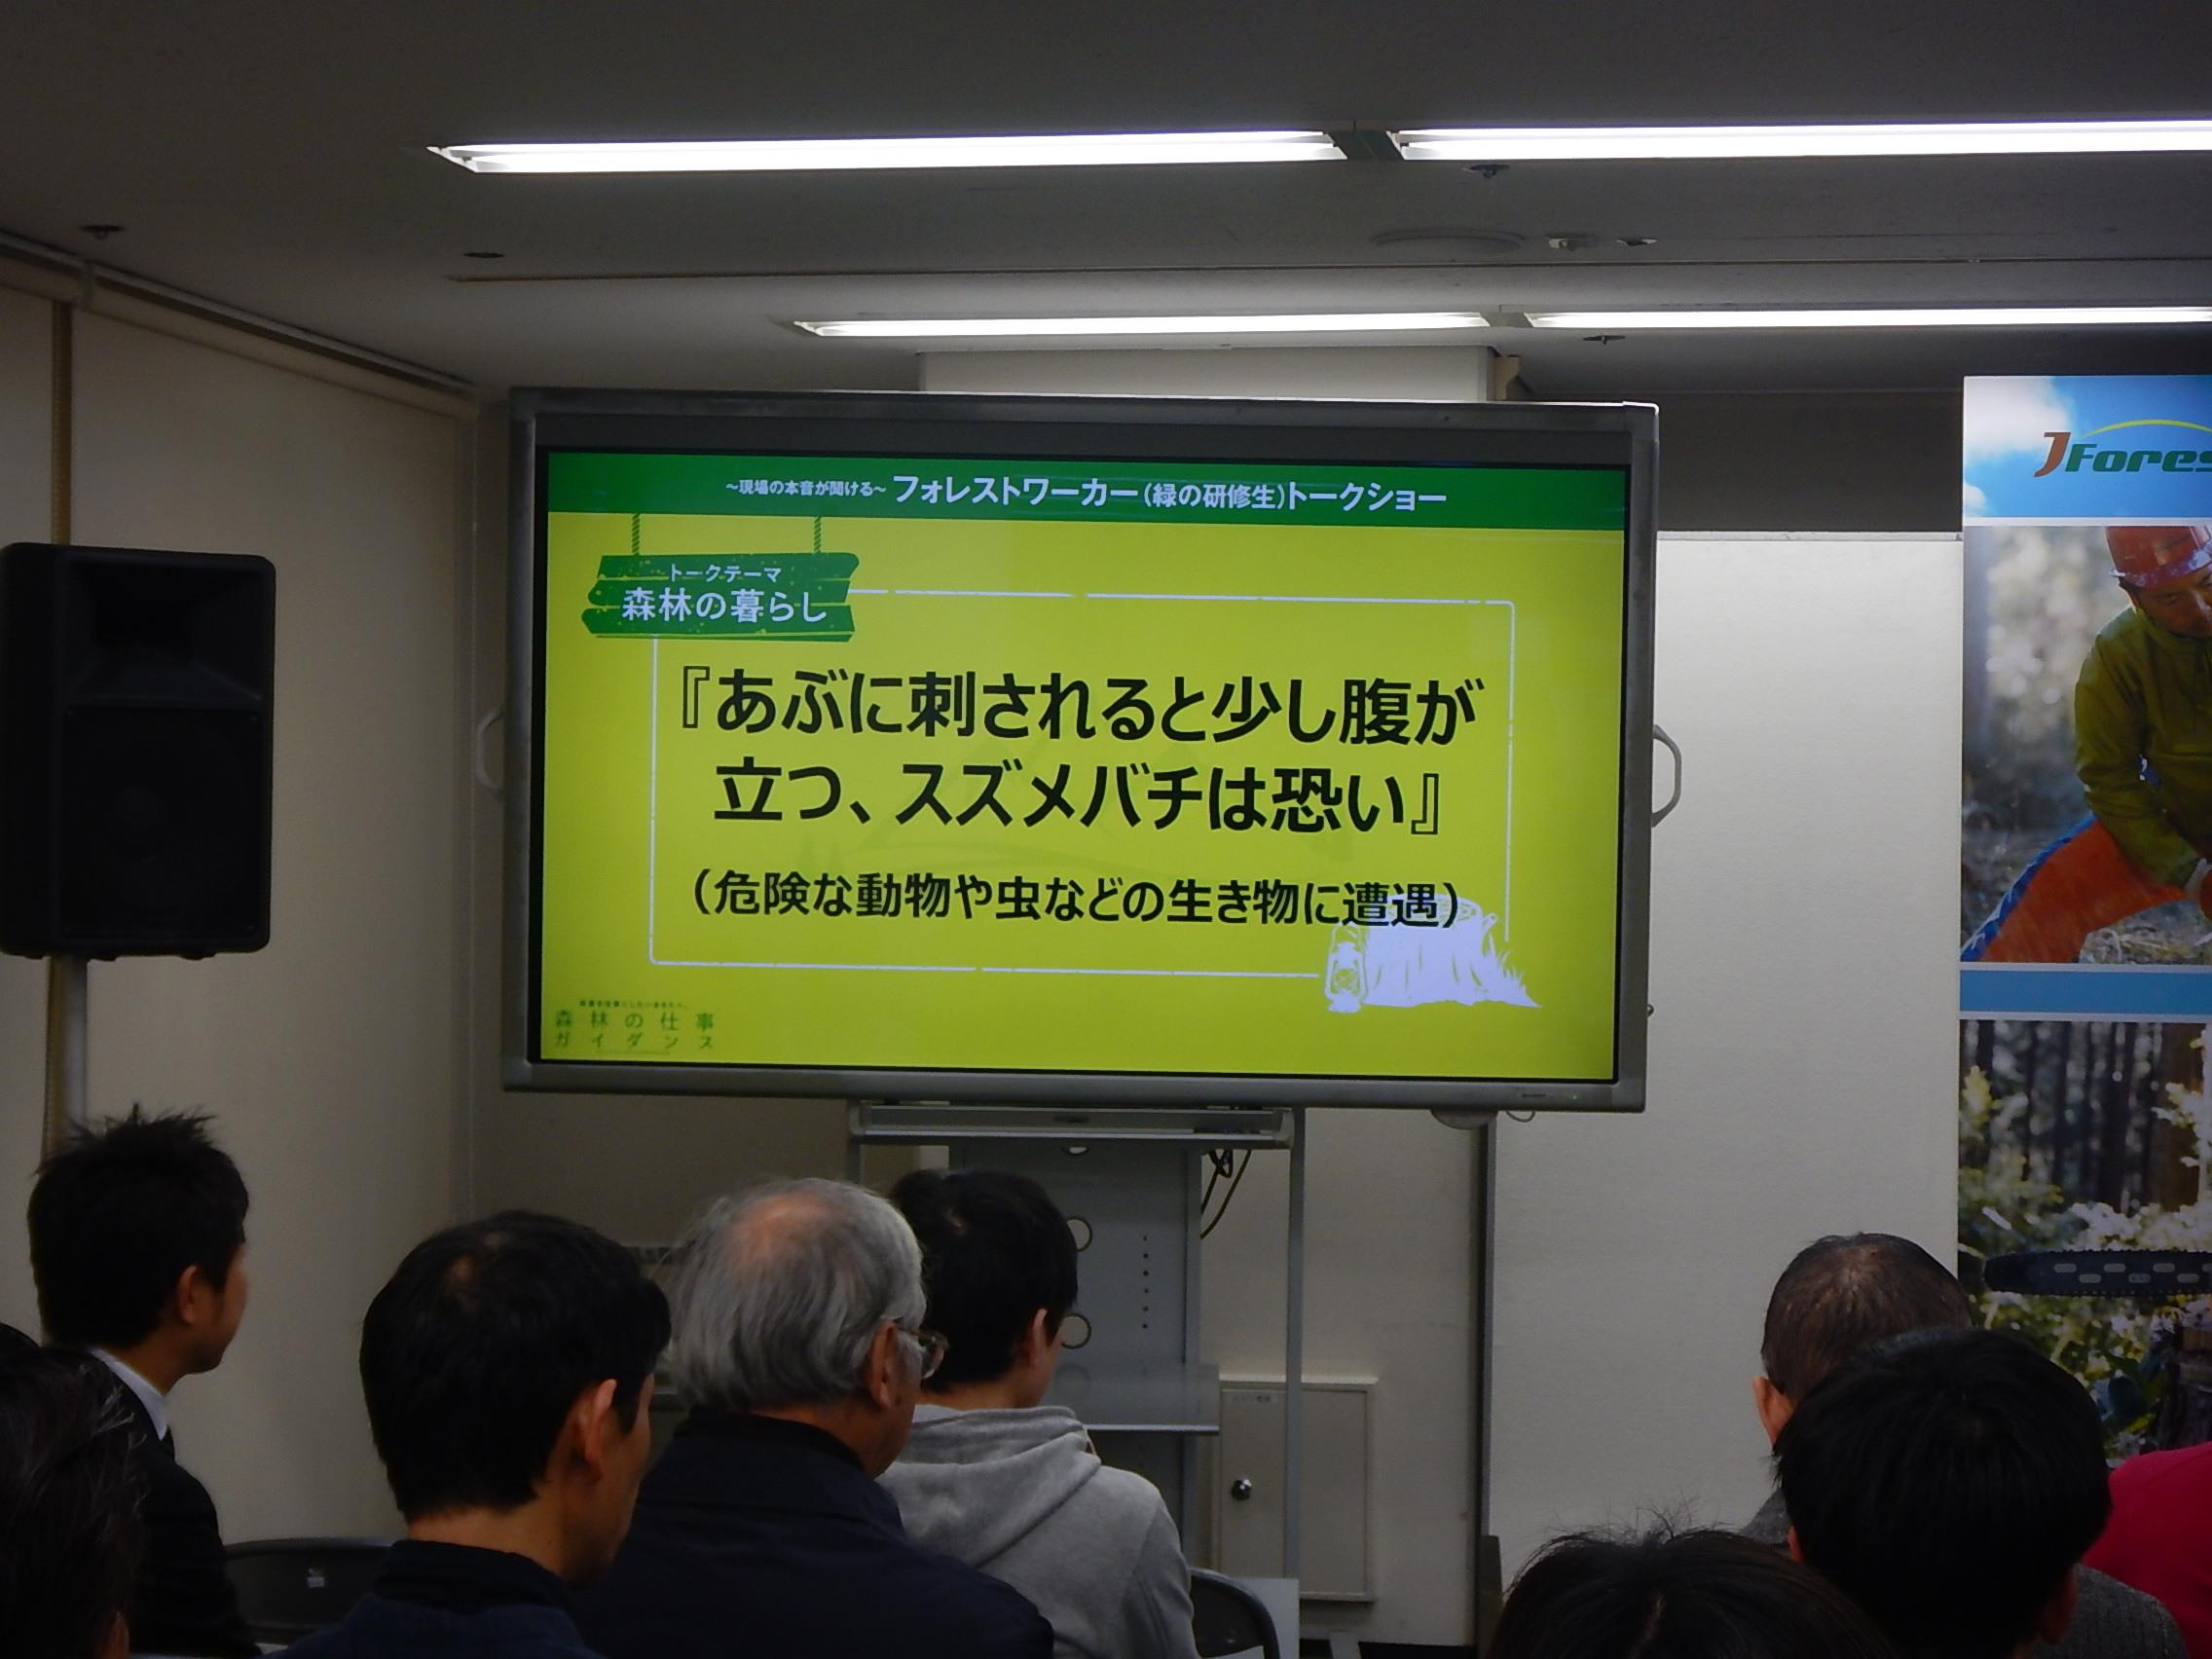 DSCN9847.jpg